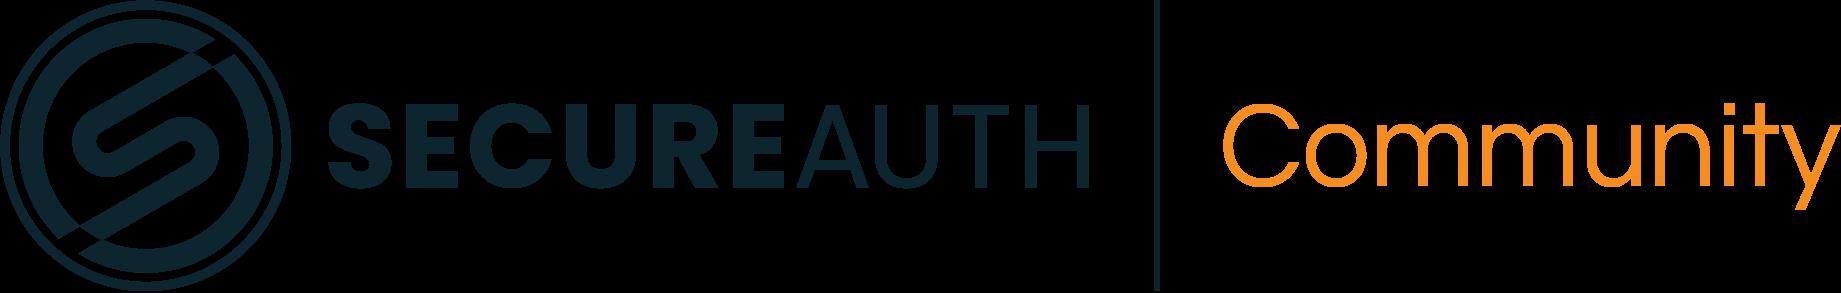 SecureAuth Community